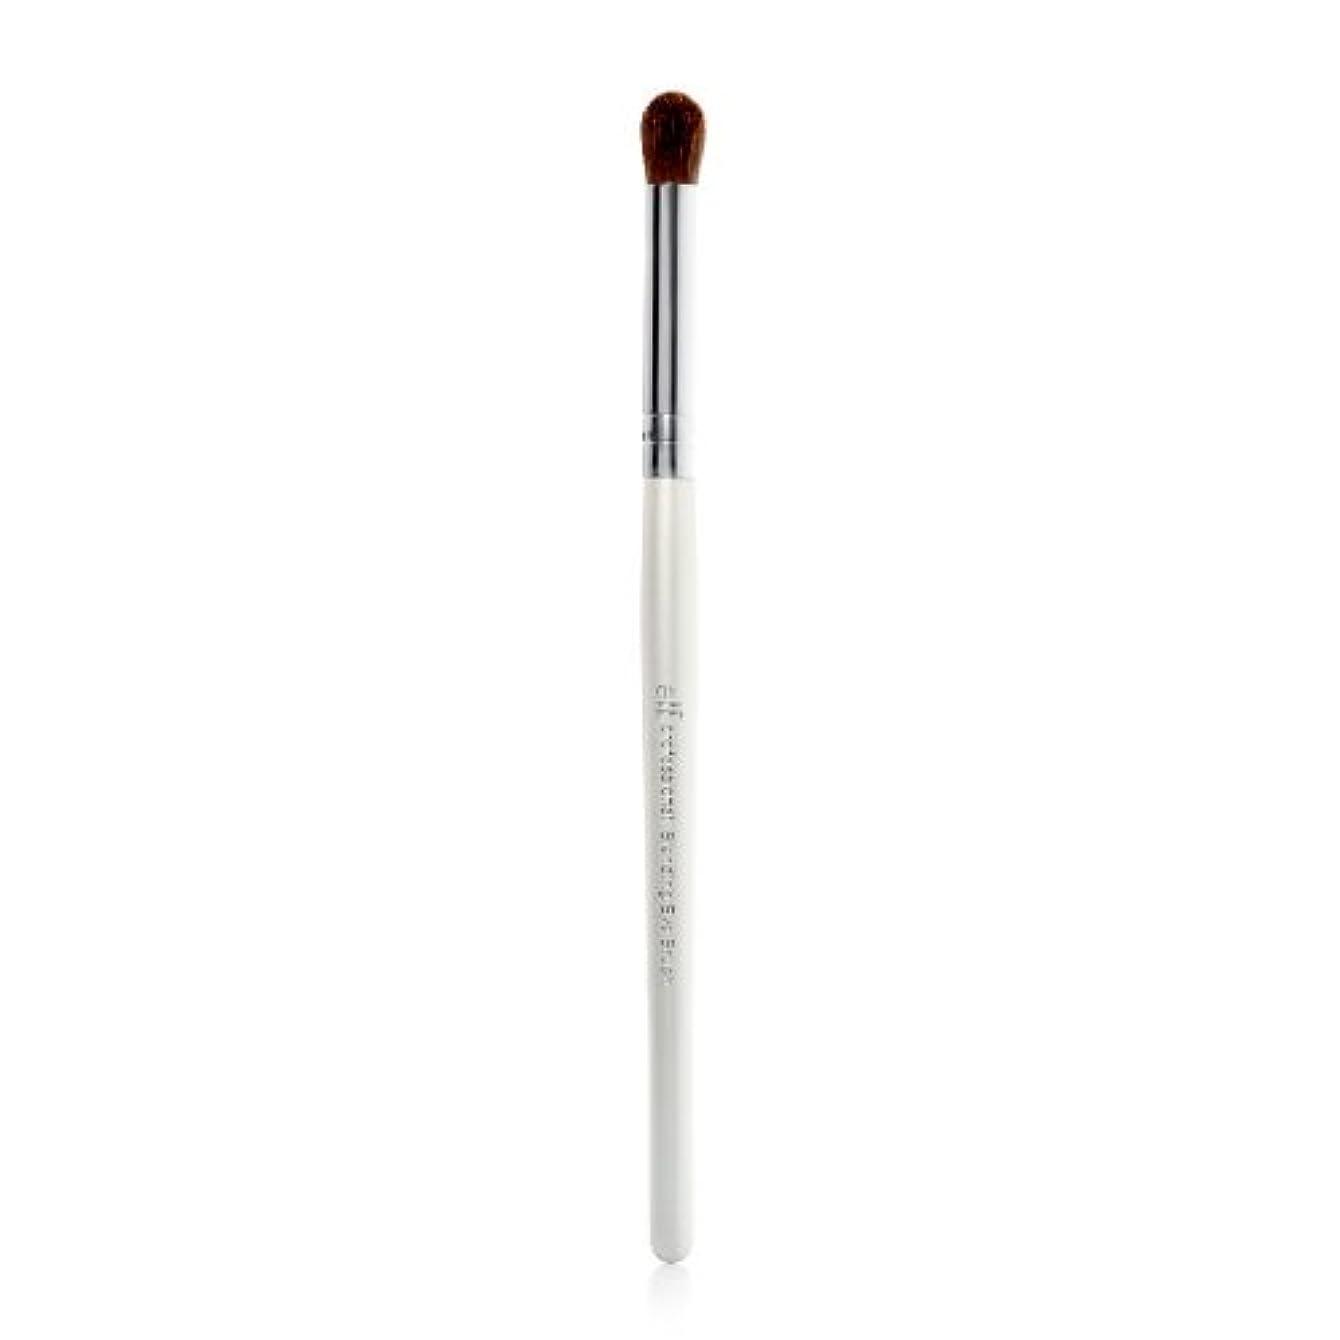 支払う楽しむステレオタイプ(3 Pack) e.l.f. Essential Blending Eye Brush - EF1803 (並行輸入品)